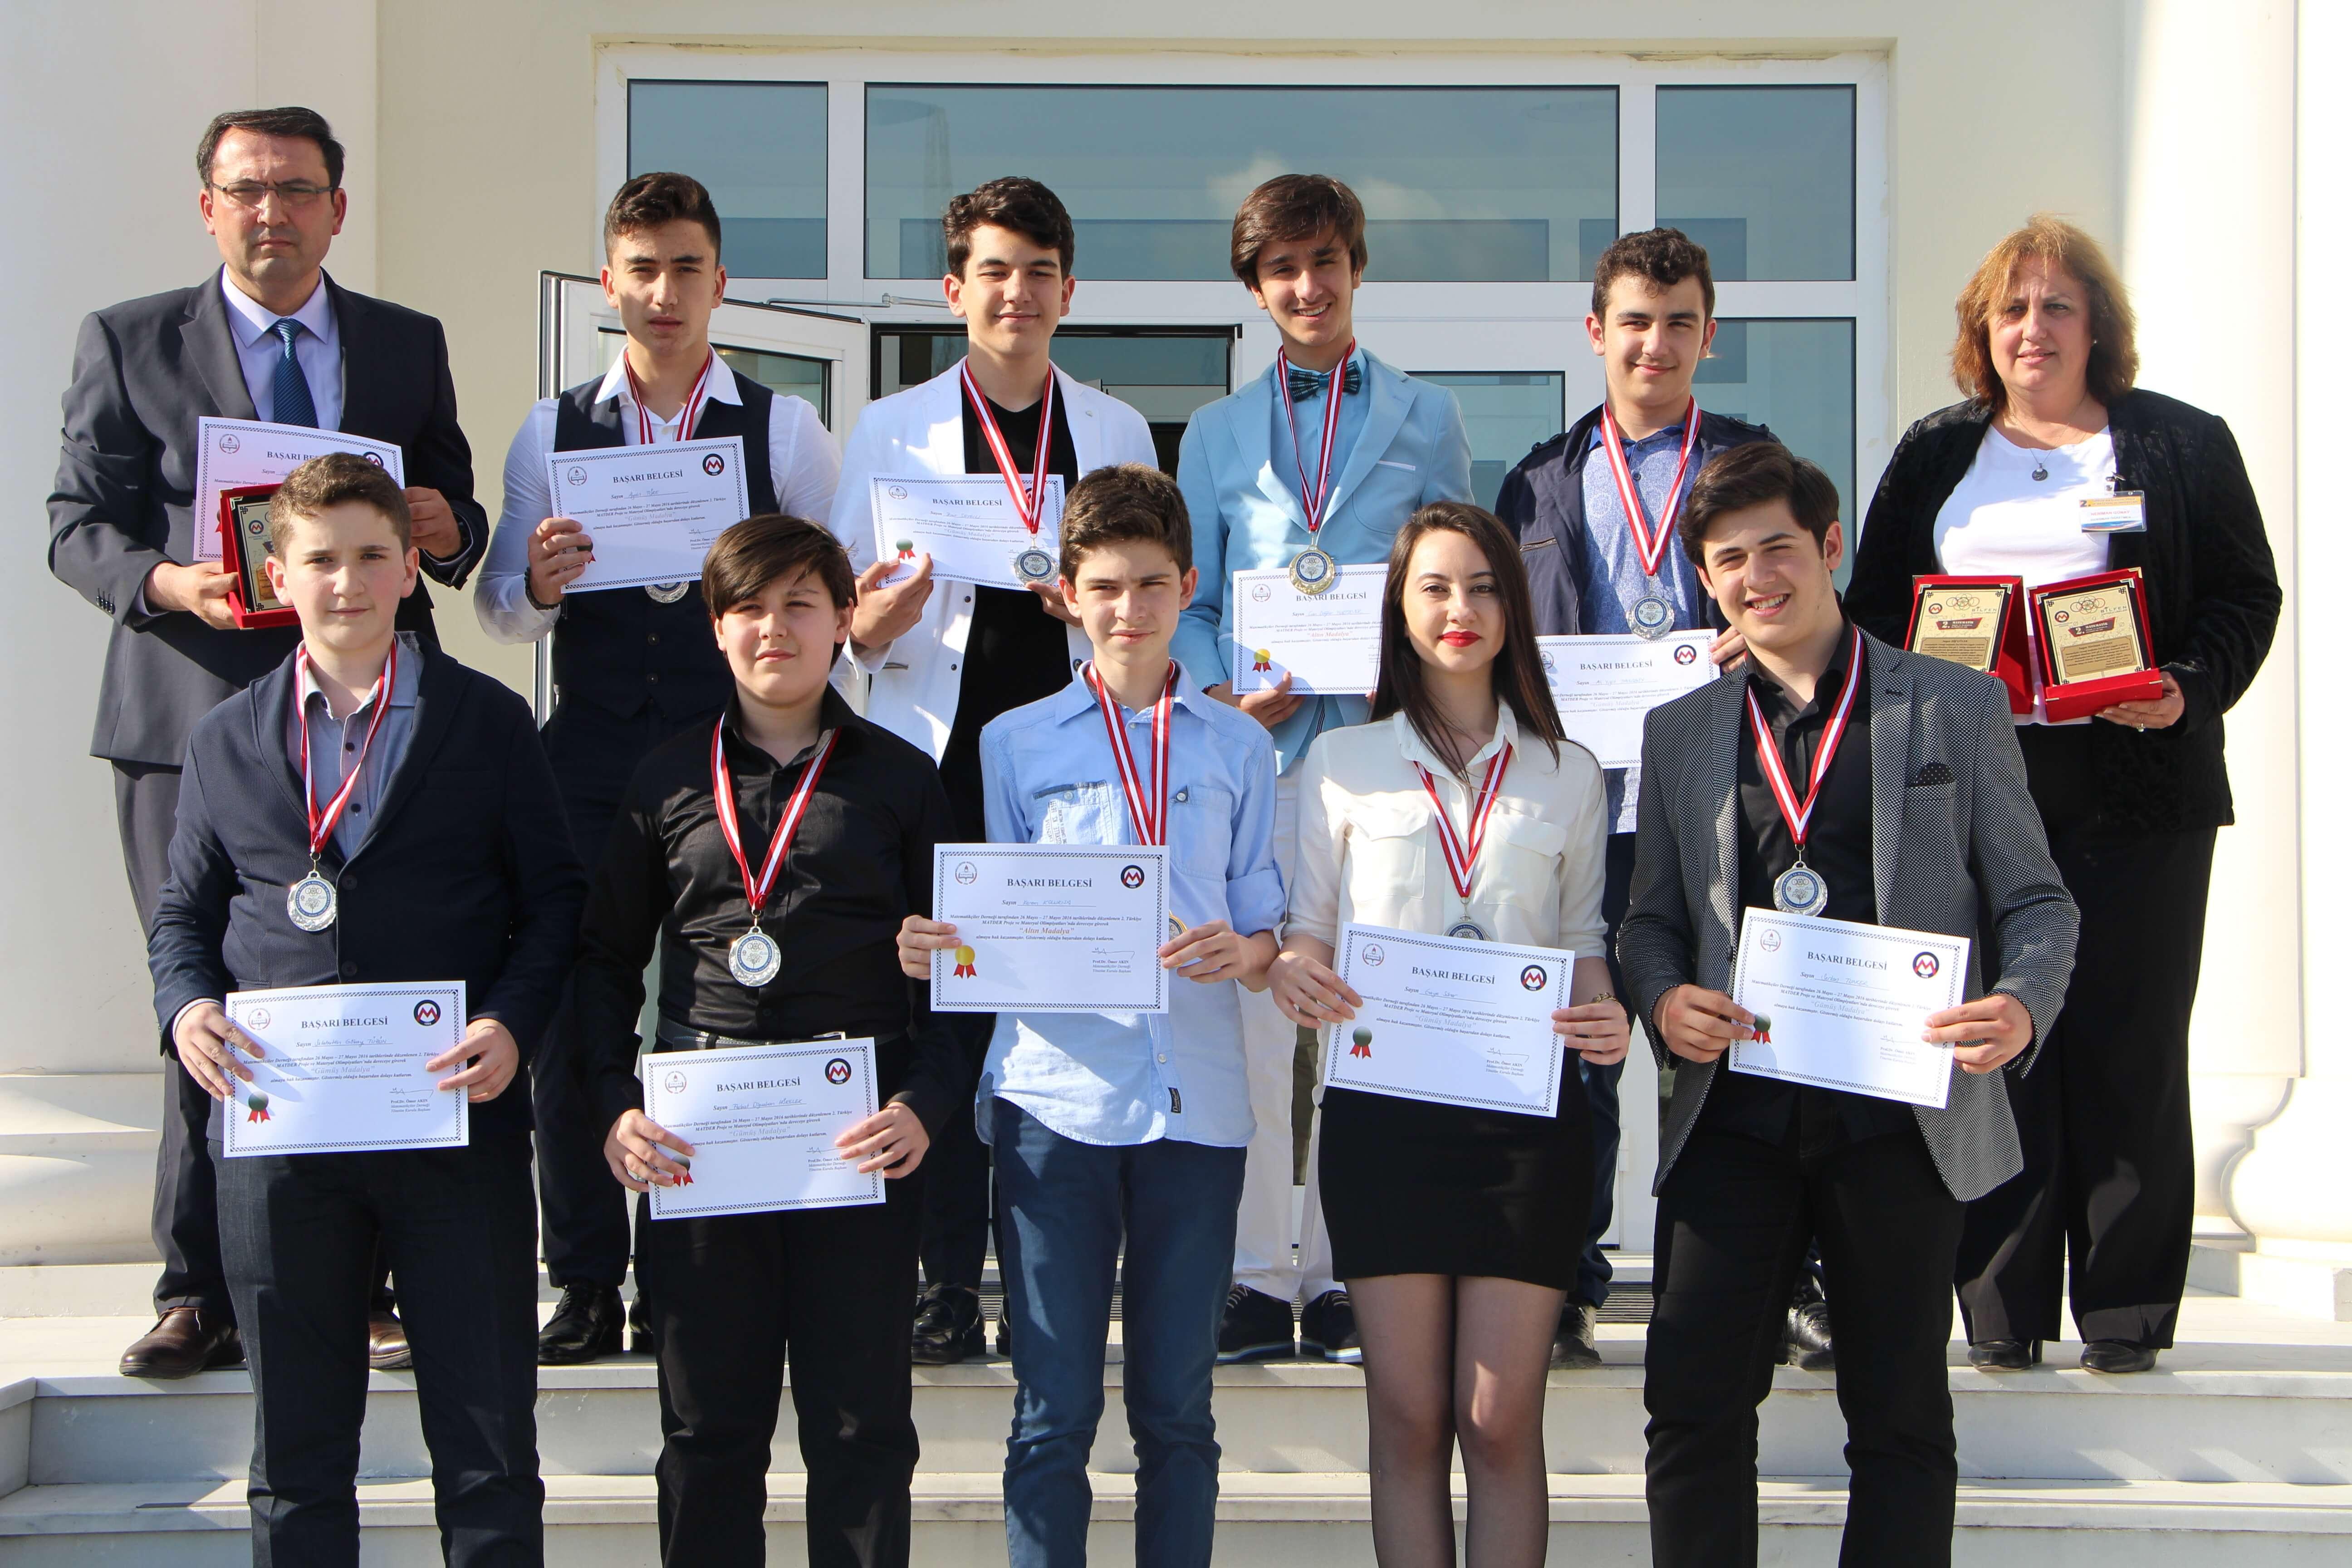 Türkiye MATDER Proje ve Materyal Olimpiyatlarından 1 Altın 4 Gümüş Madalya İle Döndük